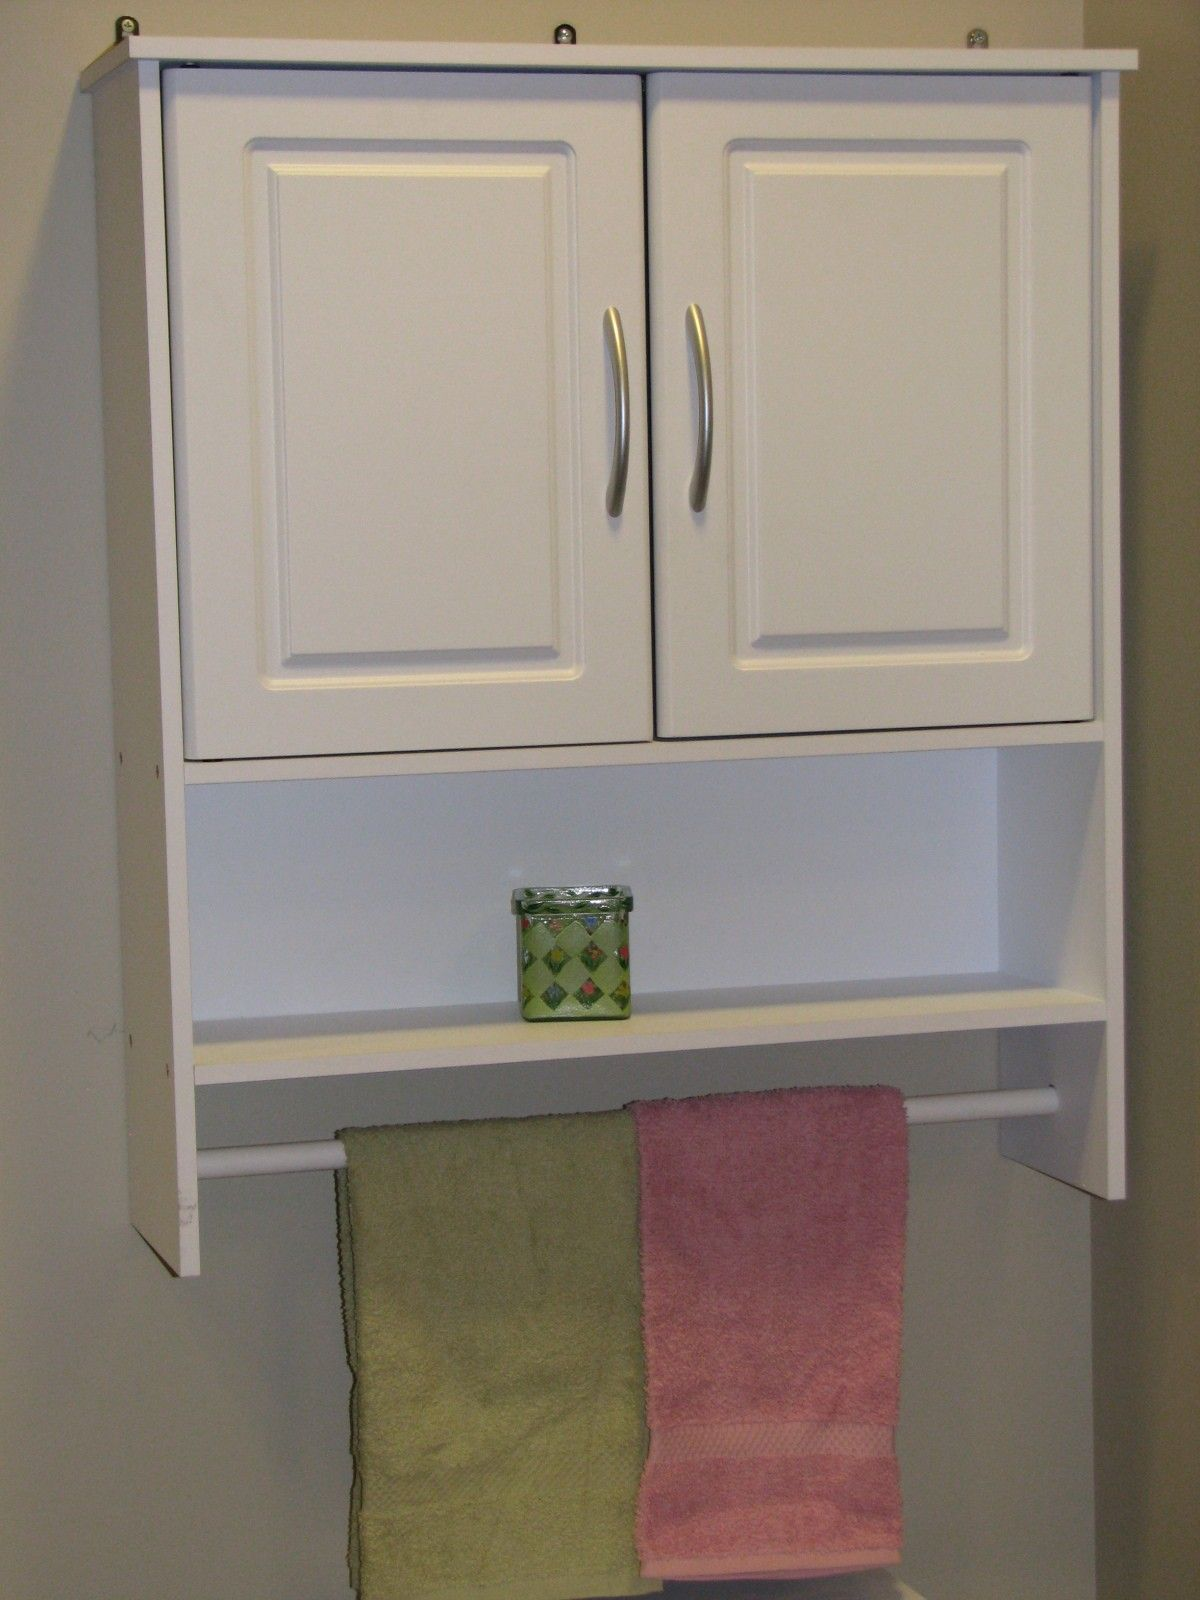 bathroom cabinet fancy bathroom wall cabinet towel bar over - Bathroom Cabinets With Towel Rack